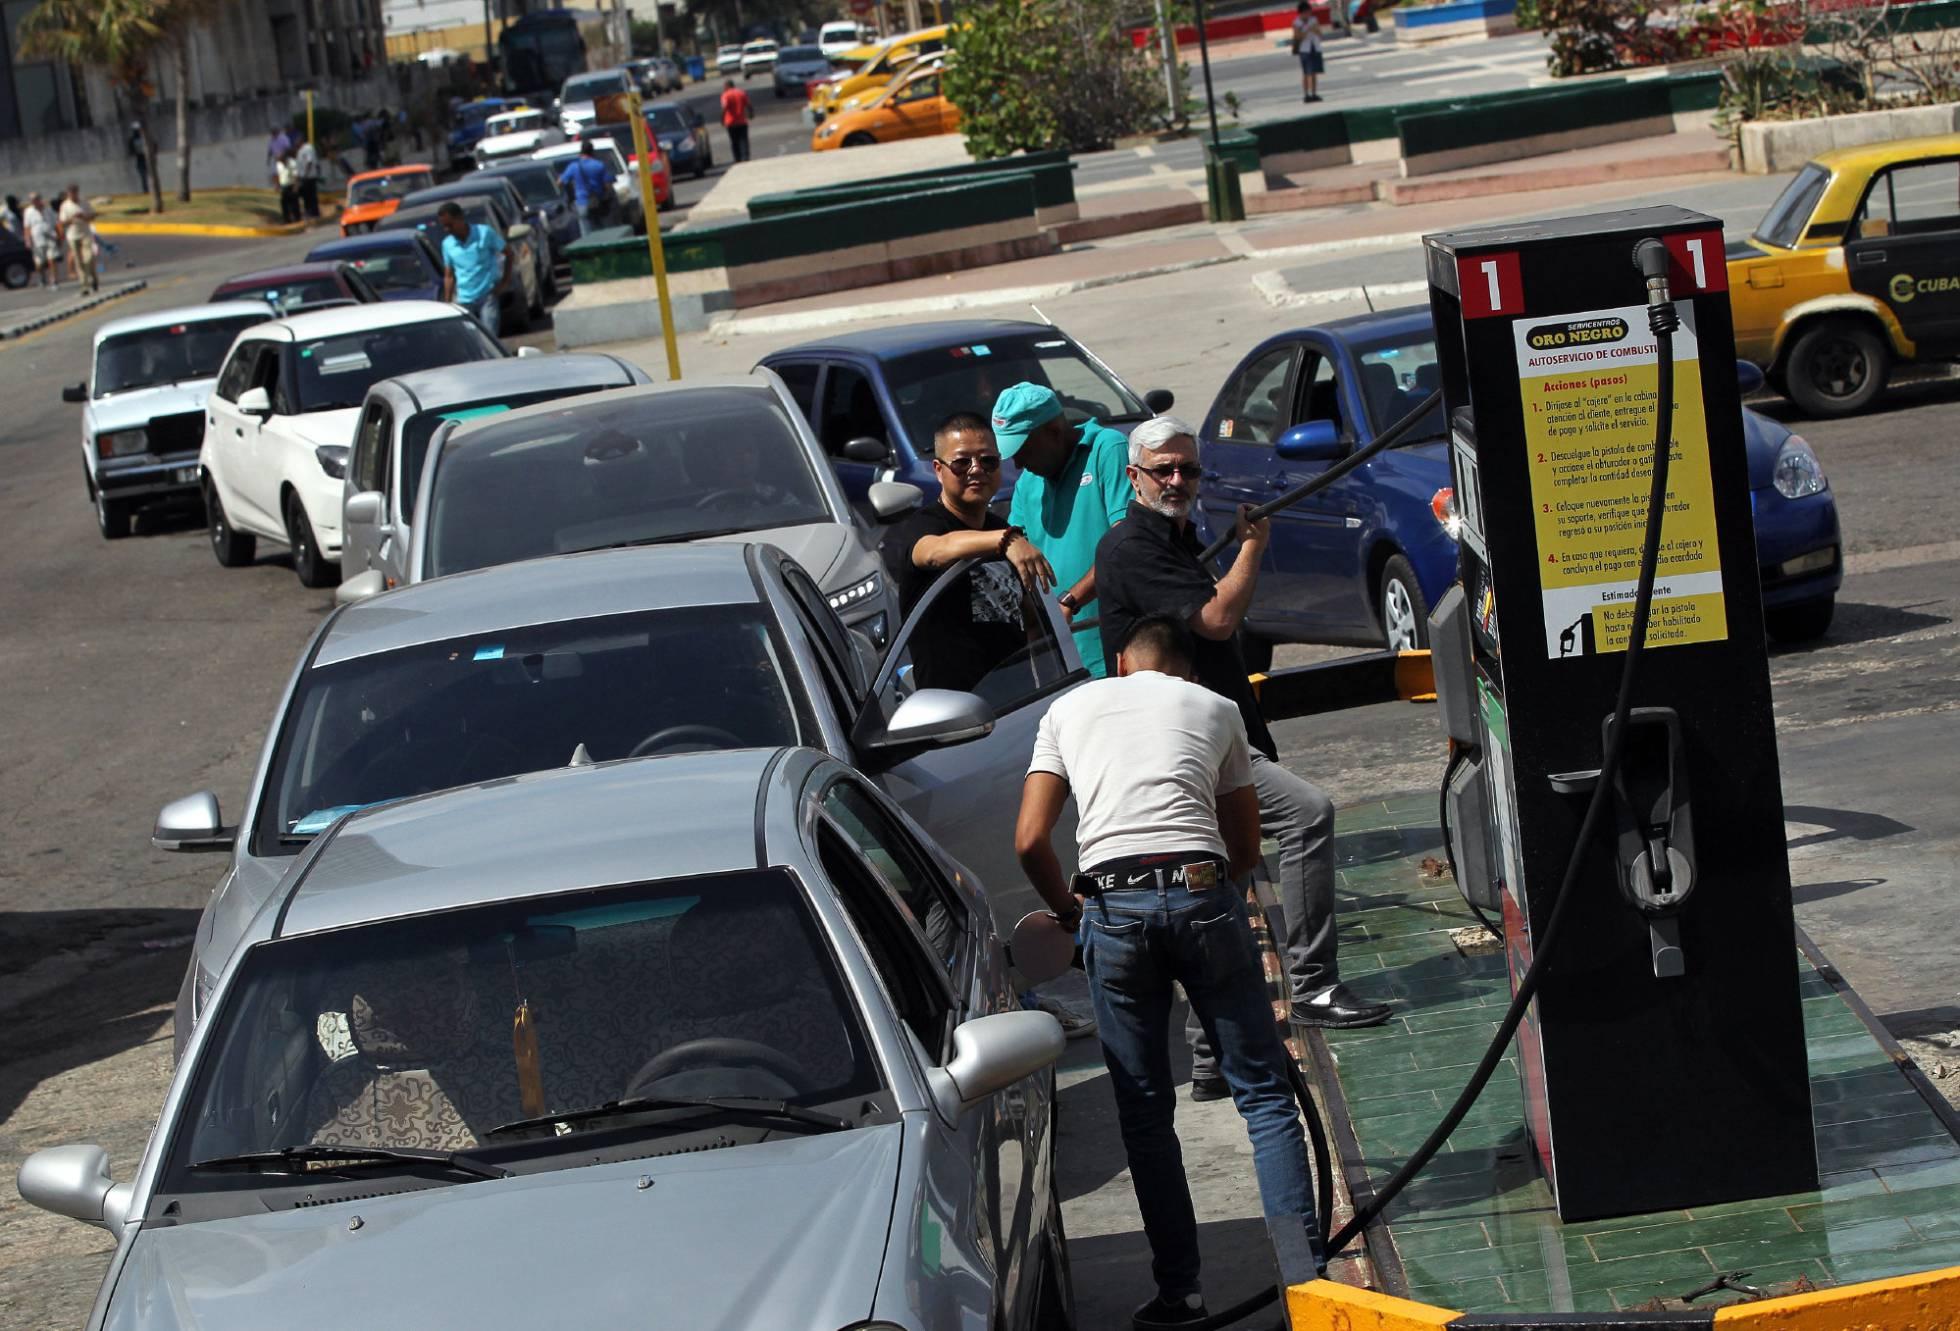 Capitalismo en Cuba, privatizaciones, economía estatal, inversiones de capital internacional. - Página 8 1490996968_442718_1490997371_noticia_normal_recorte1